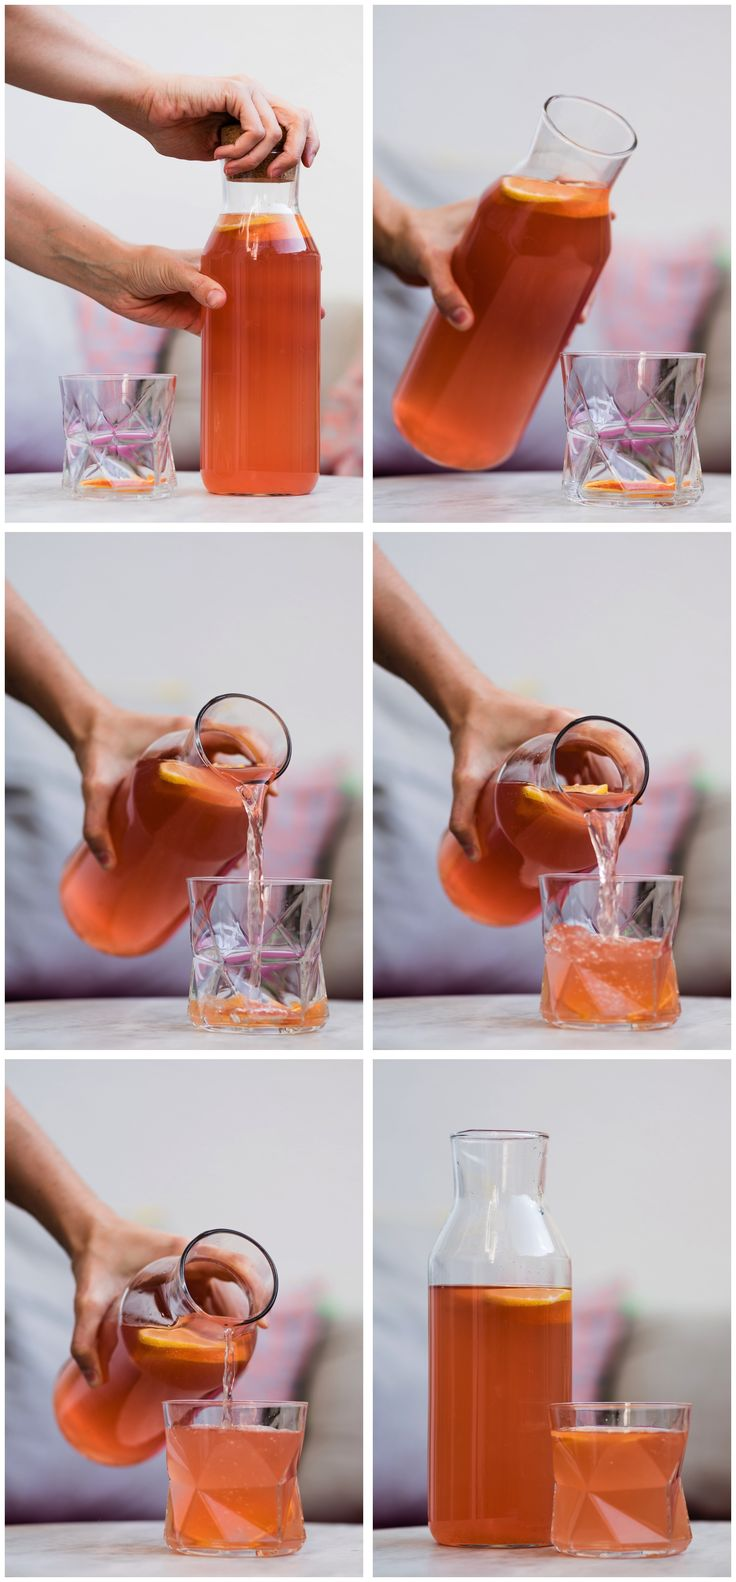 Mit Wasserkefirknöllchen ganz einfach zuhause gesunde, probiotische Limonade herstellen. Tipps und mein Lieblingsrezept gibt's hier :)